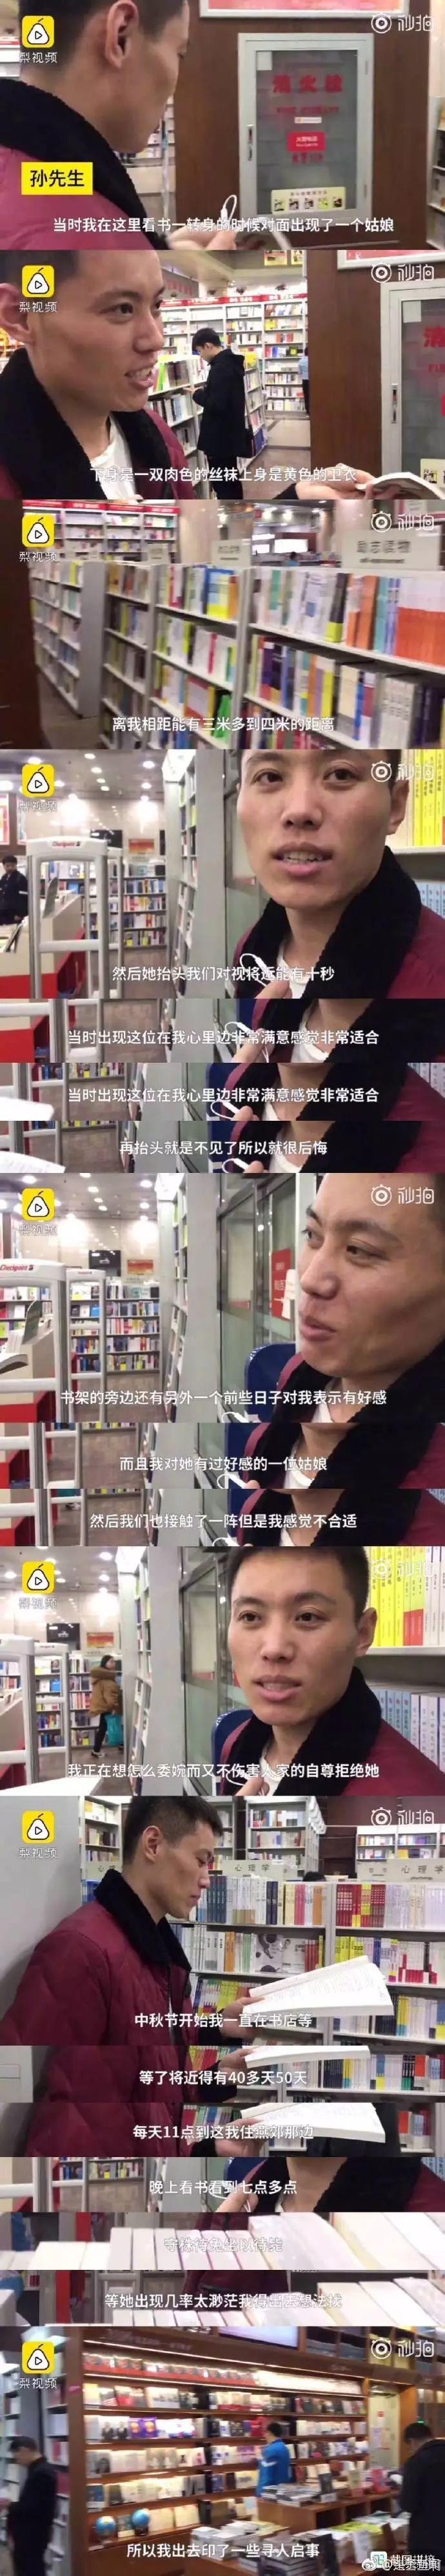 书店对陌生女子一见钟情后,小伙竟打算起诉寻人???